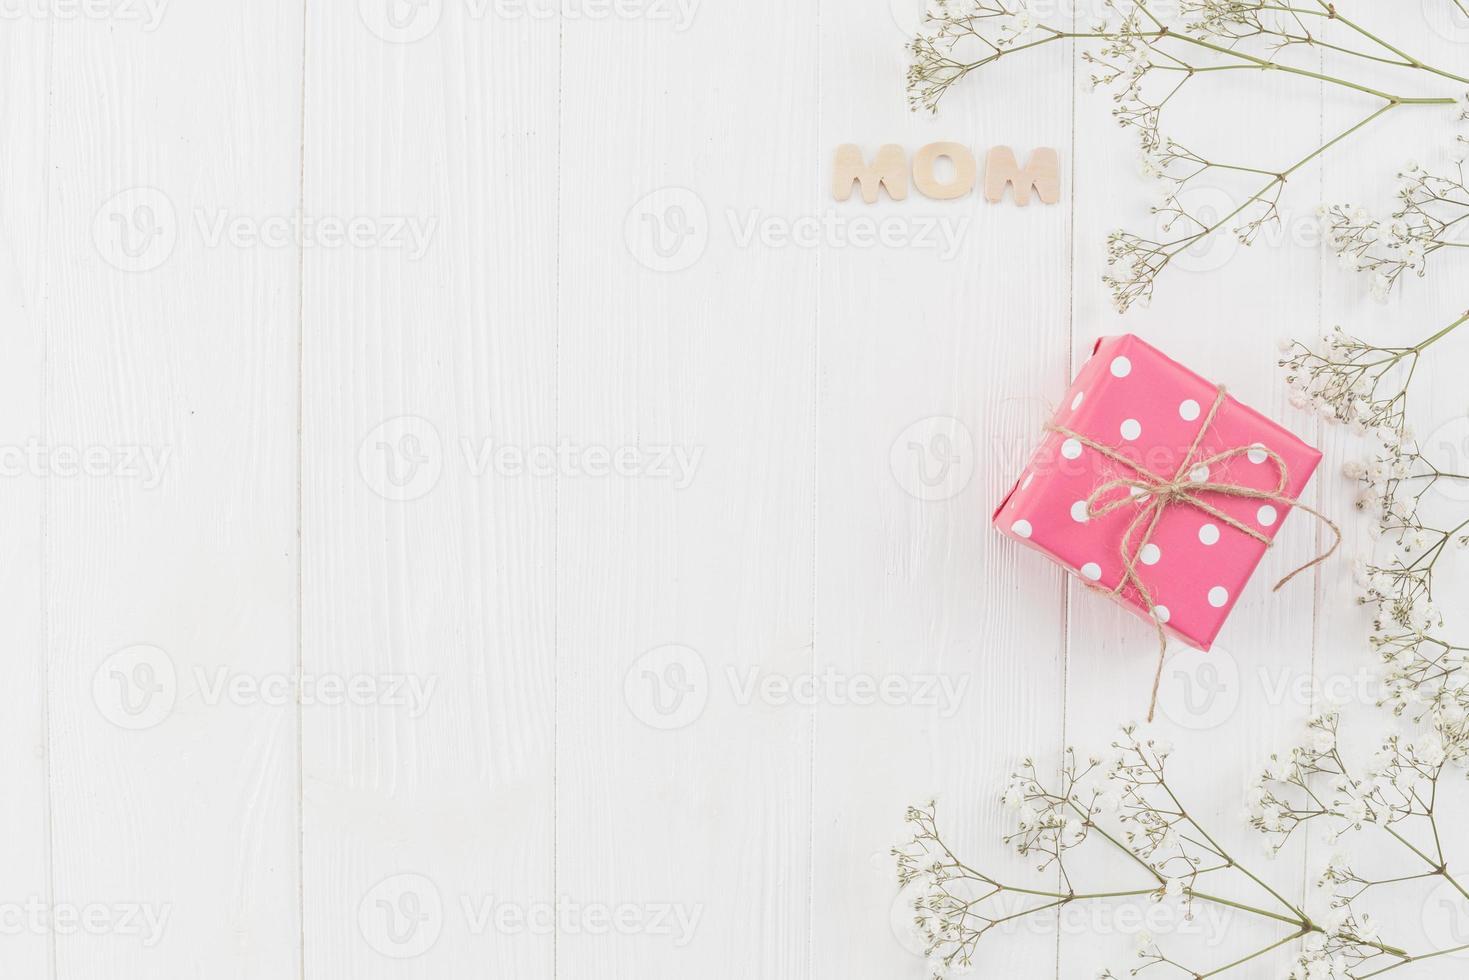 ord mamma med presentask och blommor foto